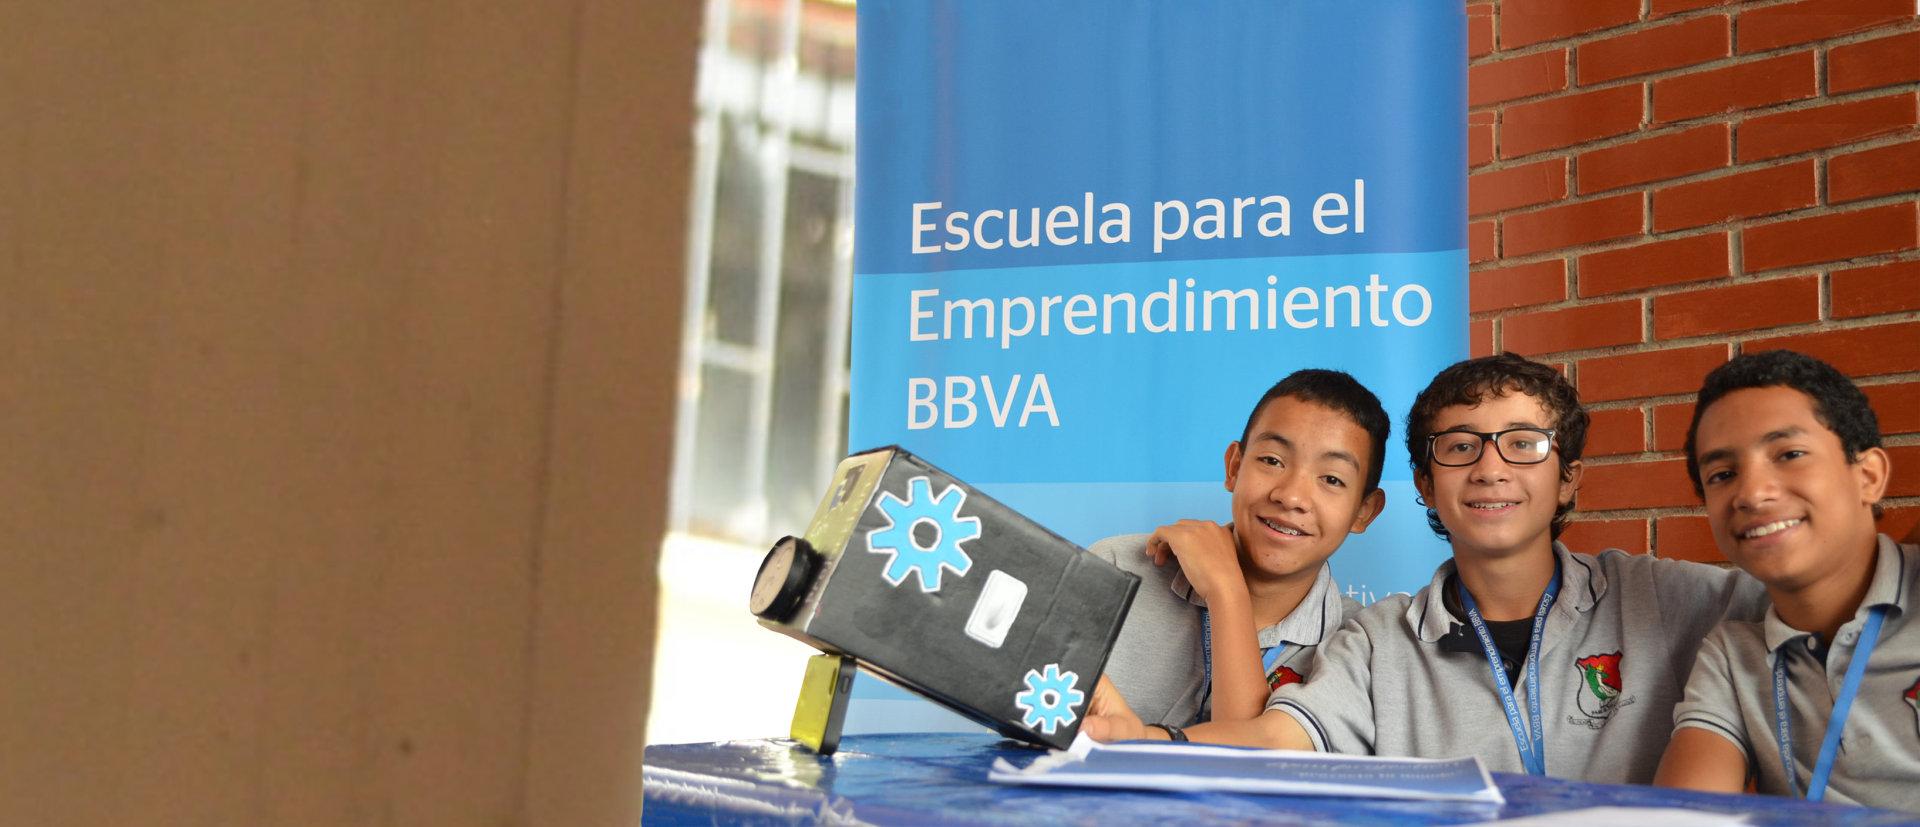 BBVA Colombia invirtió 2,6 millones de dólares en apoyo social en 2017